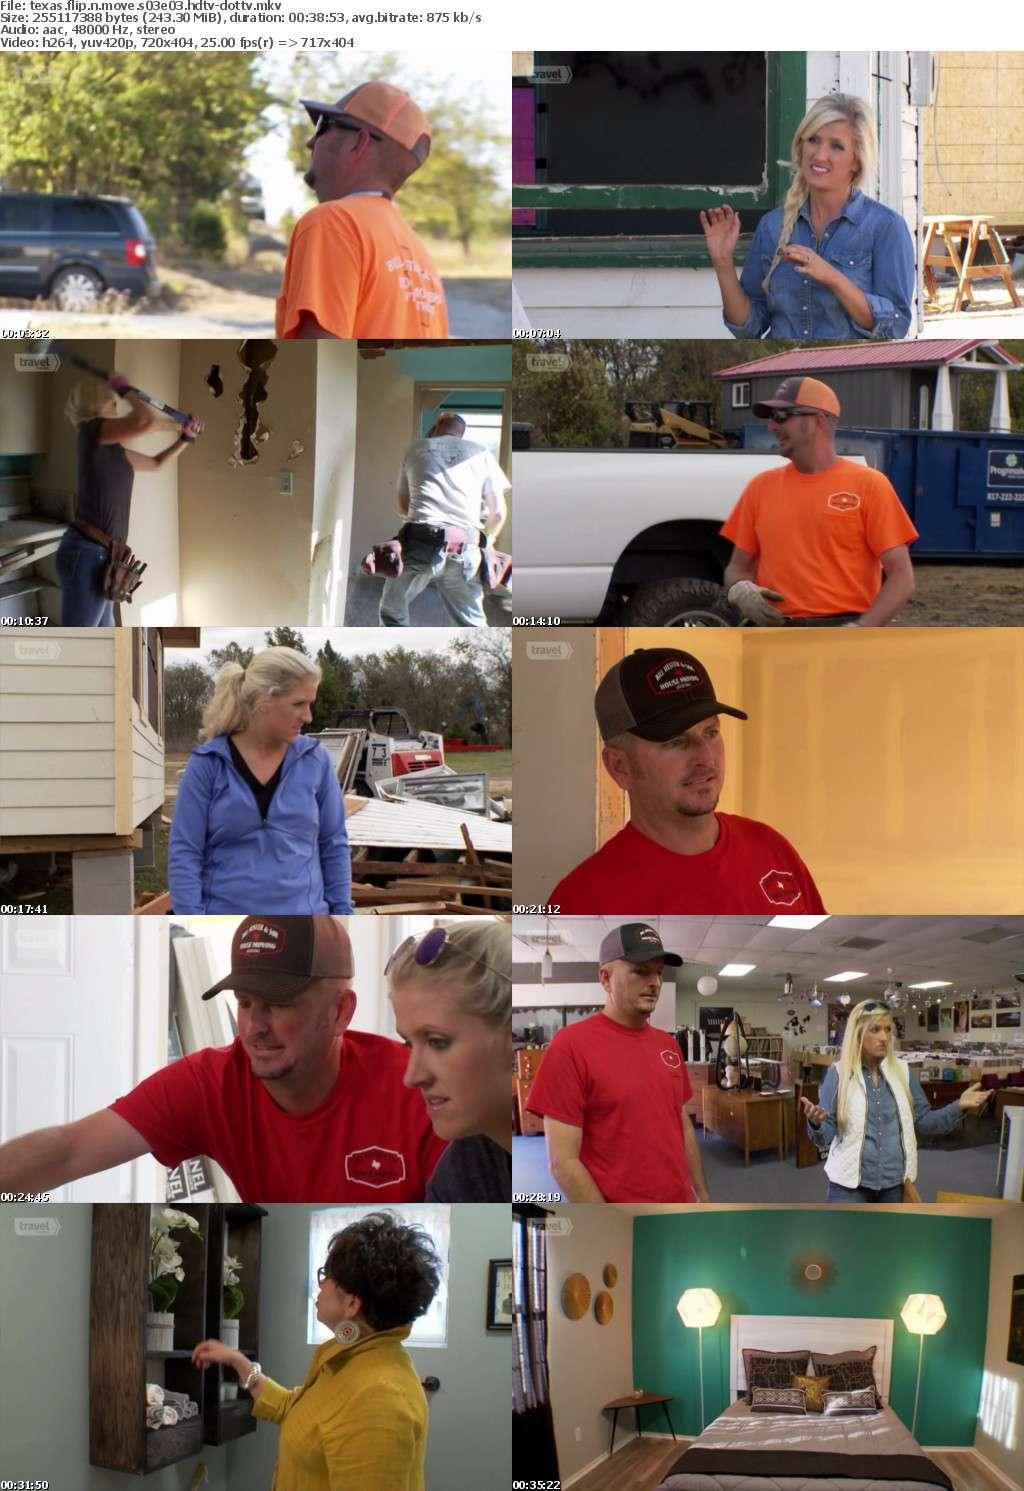 Texas Flip N Move S03E03 HDTV x264-dotTV